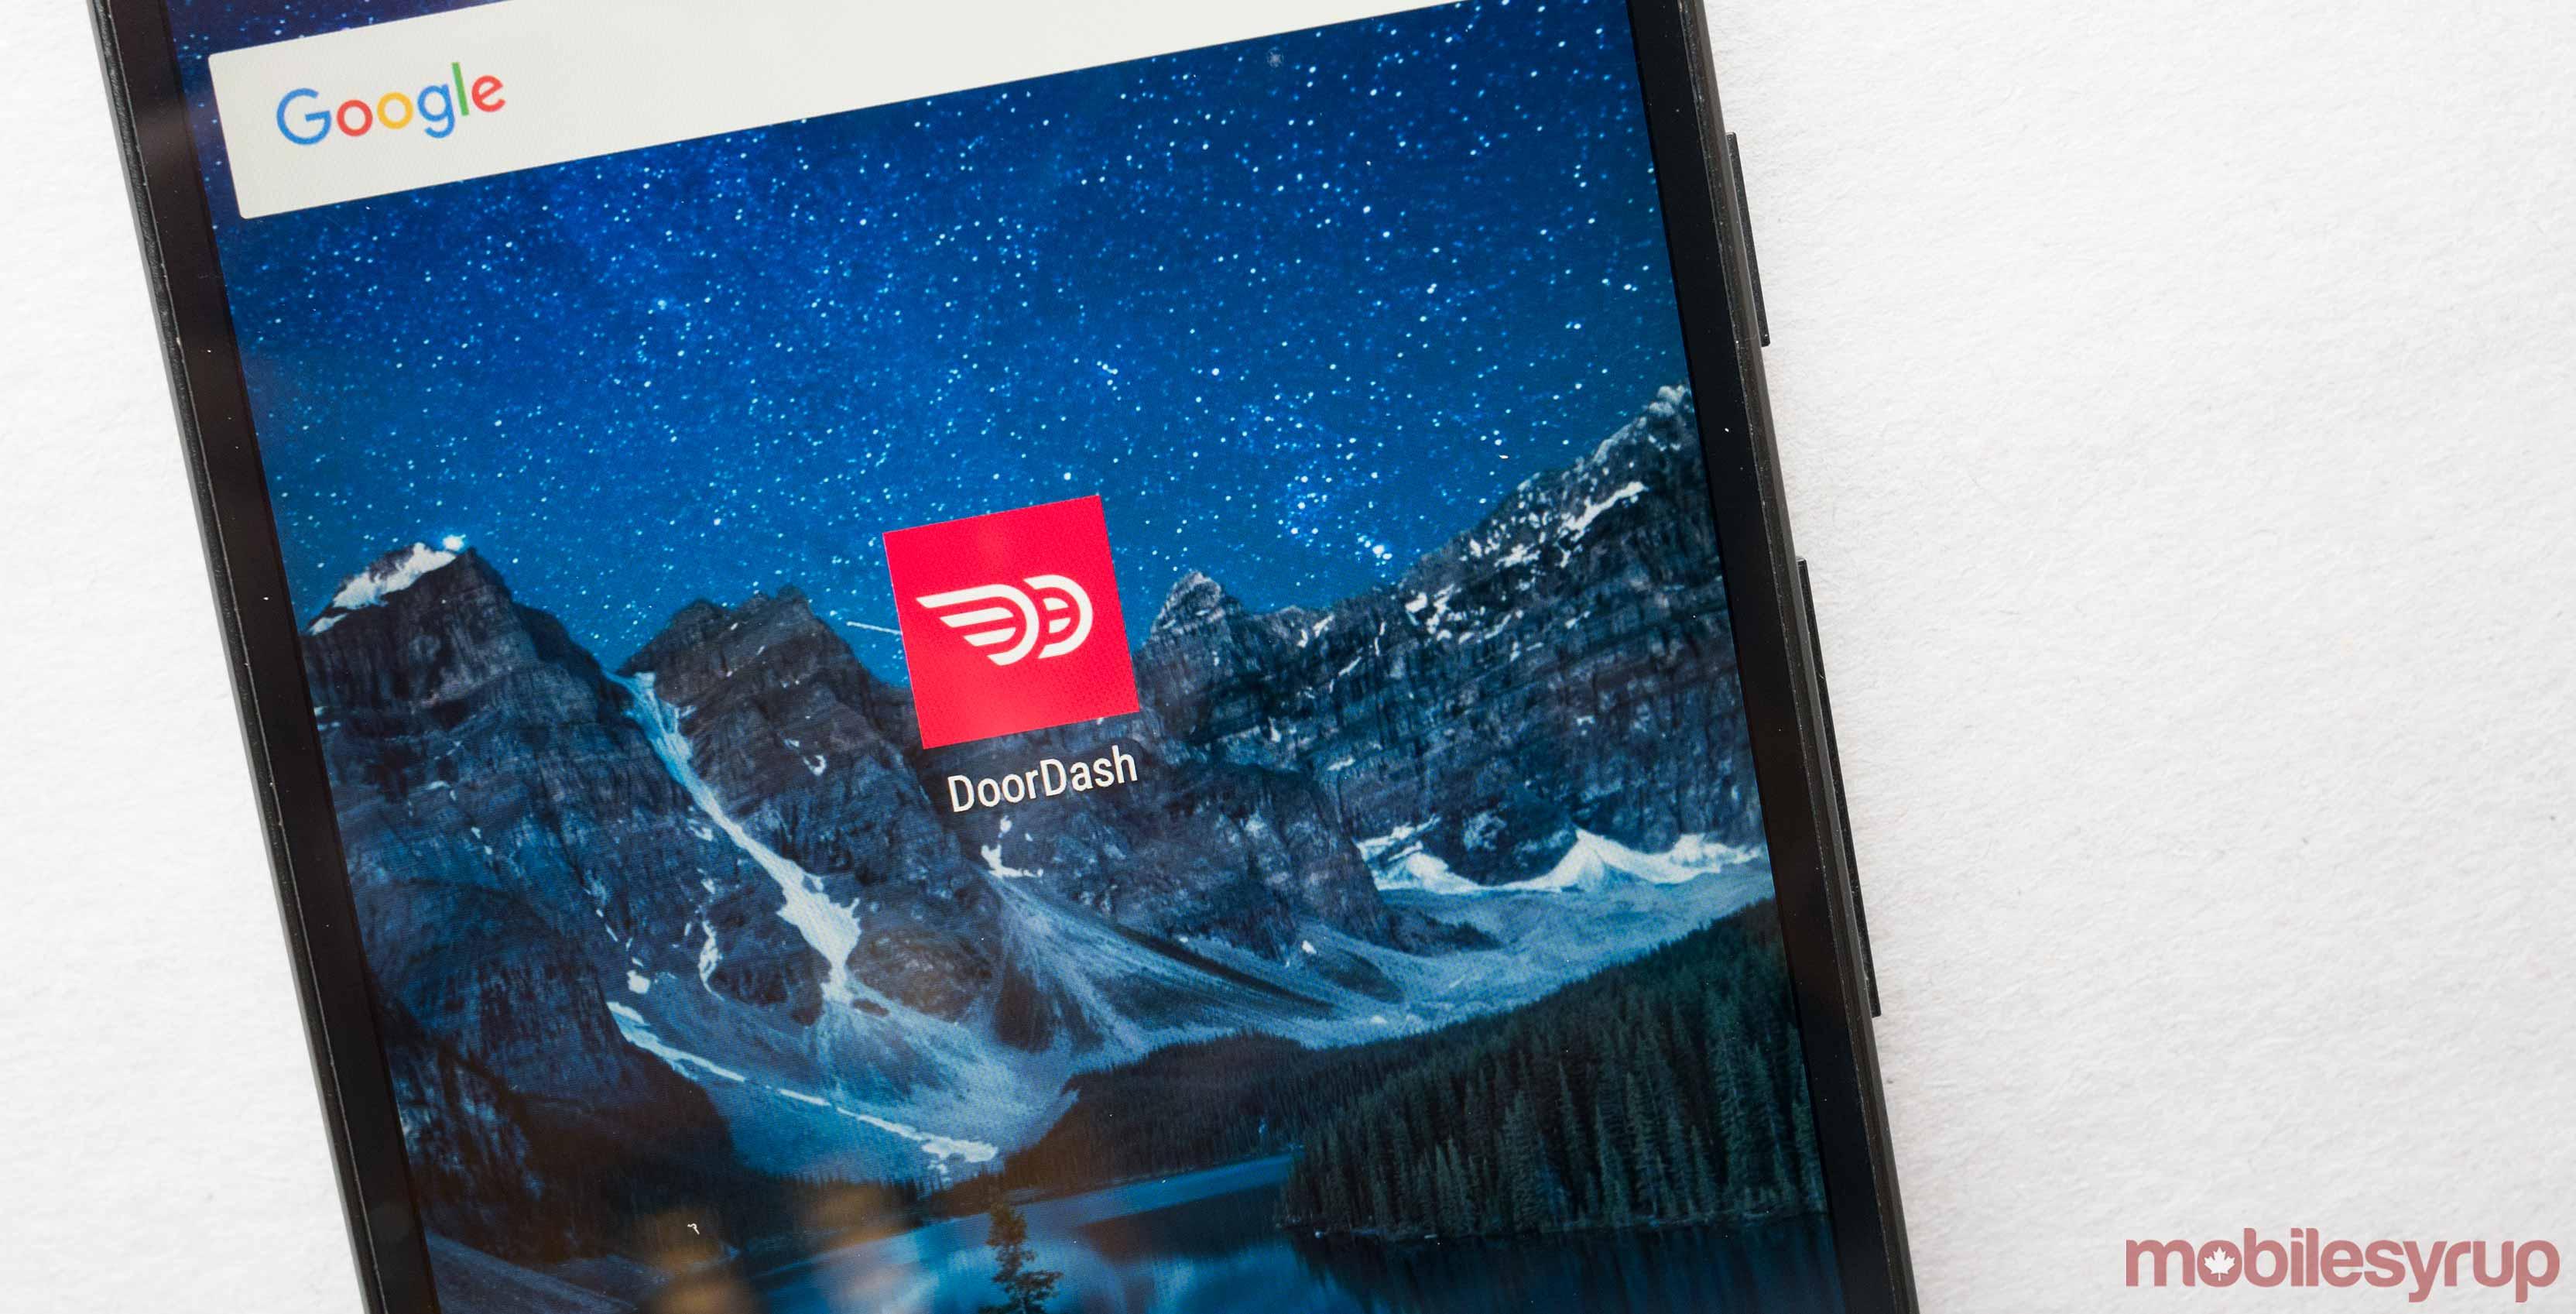 DoorDash Android app